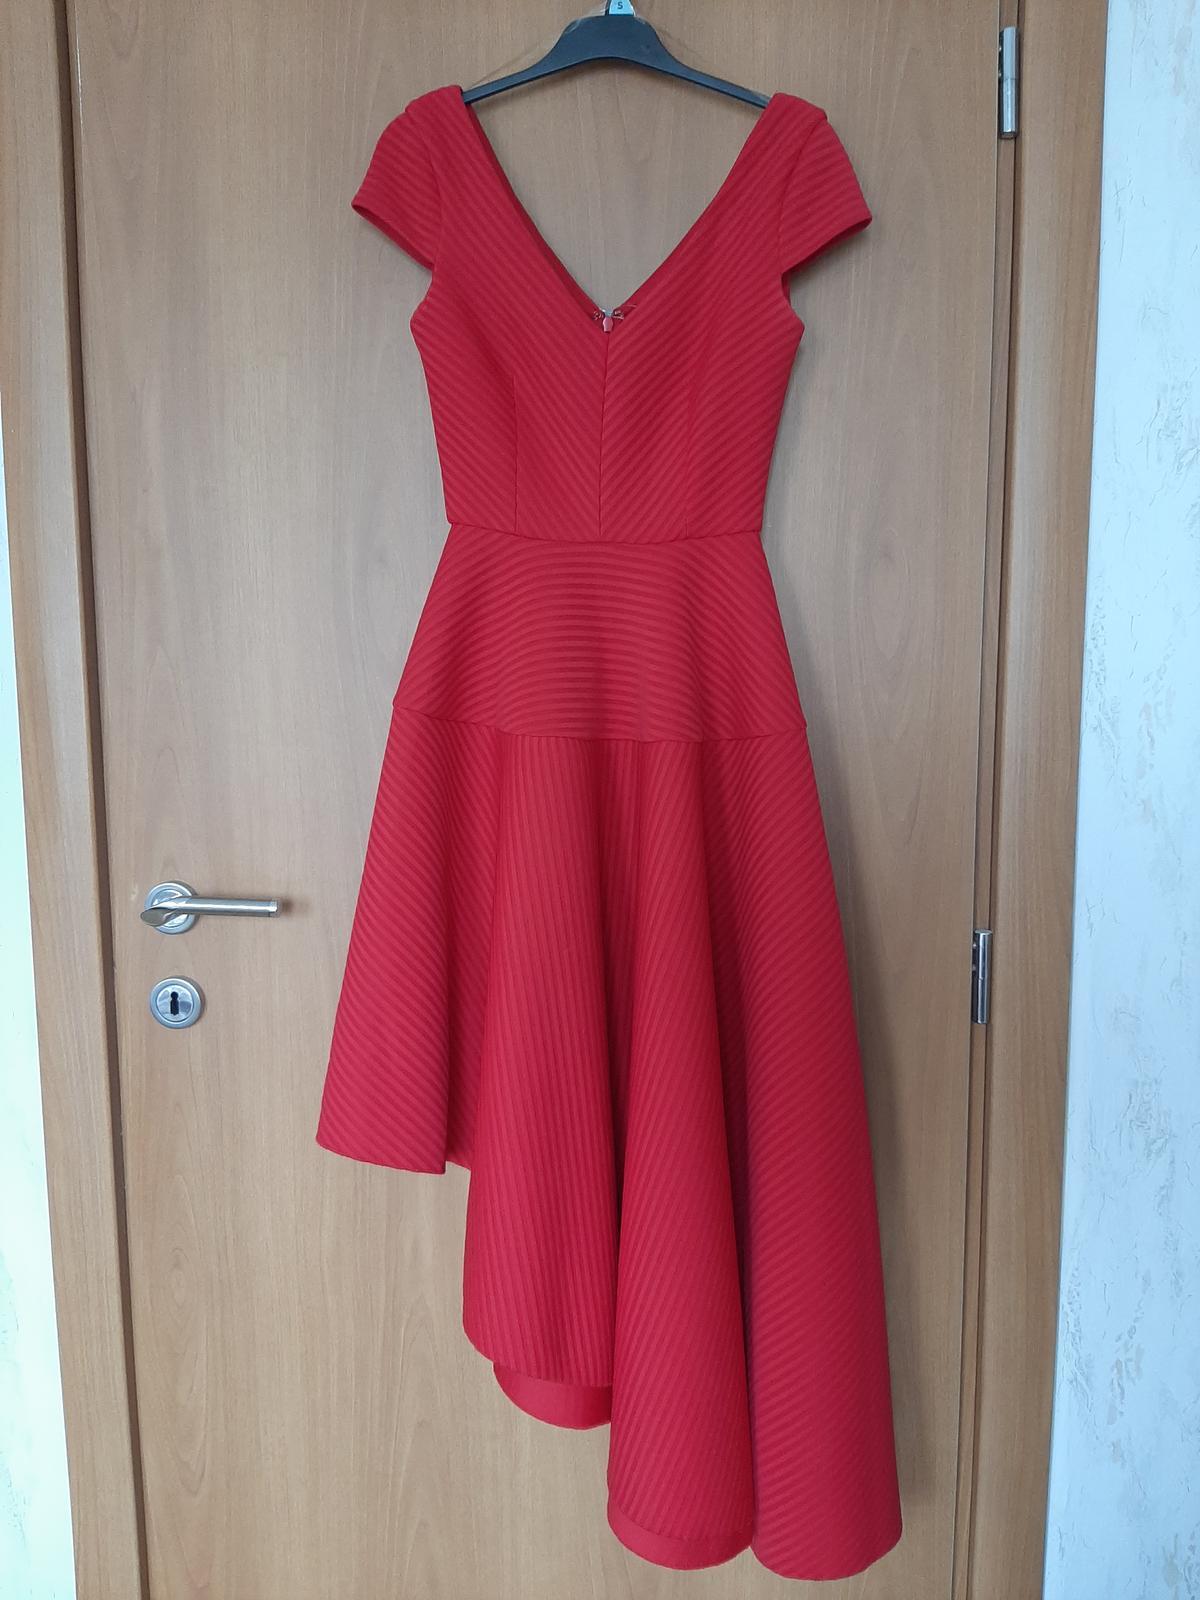 Červené šaty na redový tanec - Obrázok č. 1